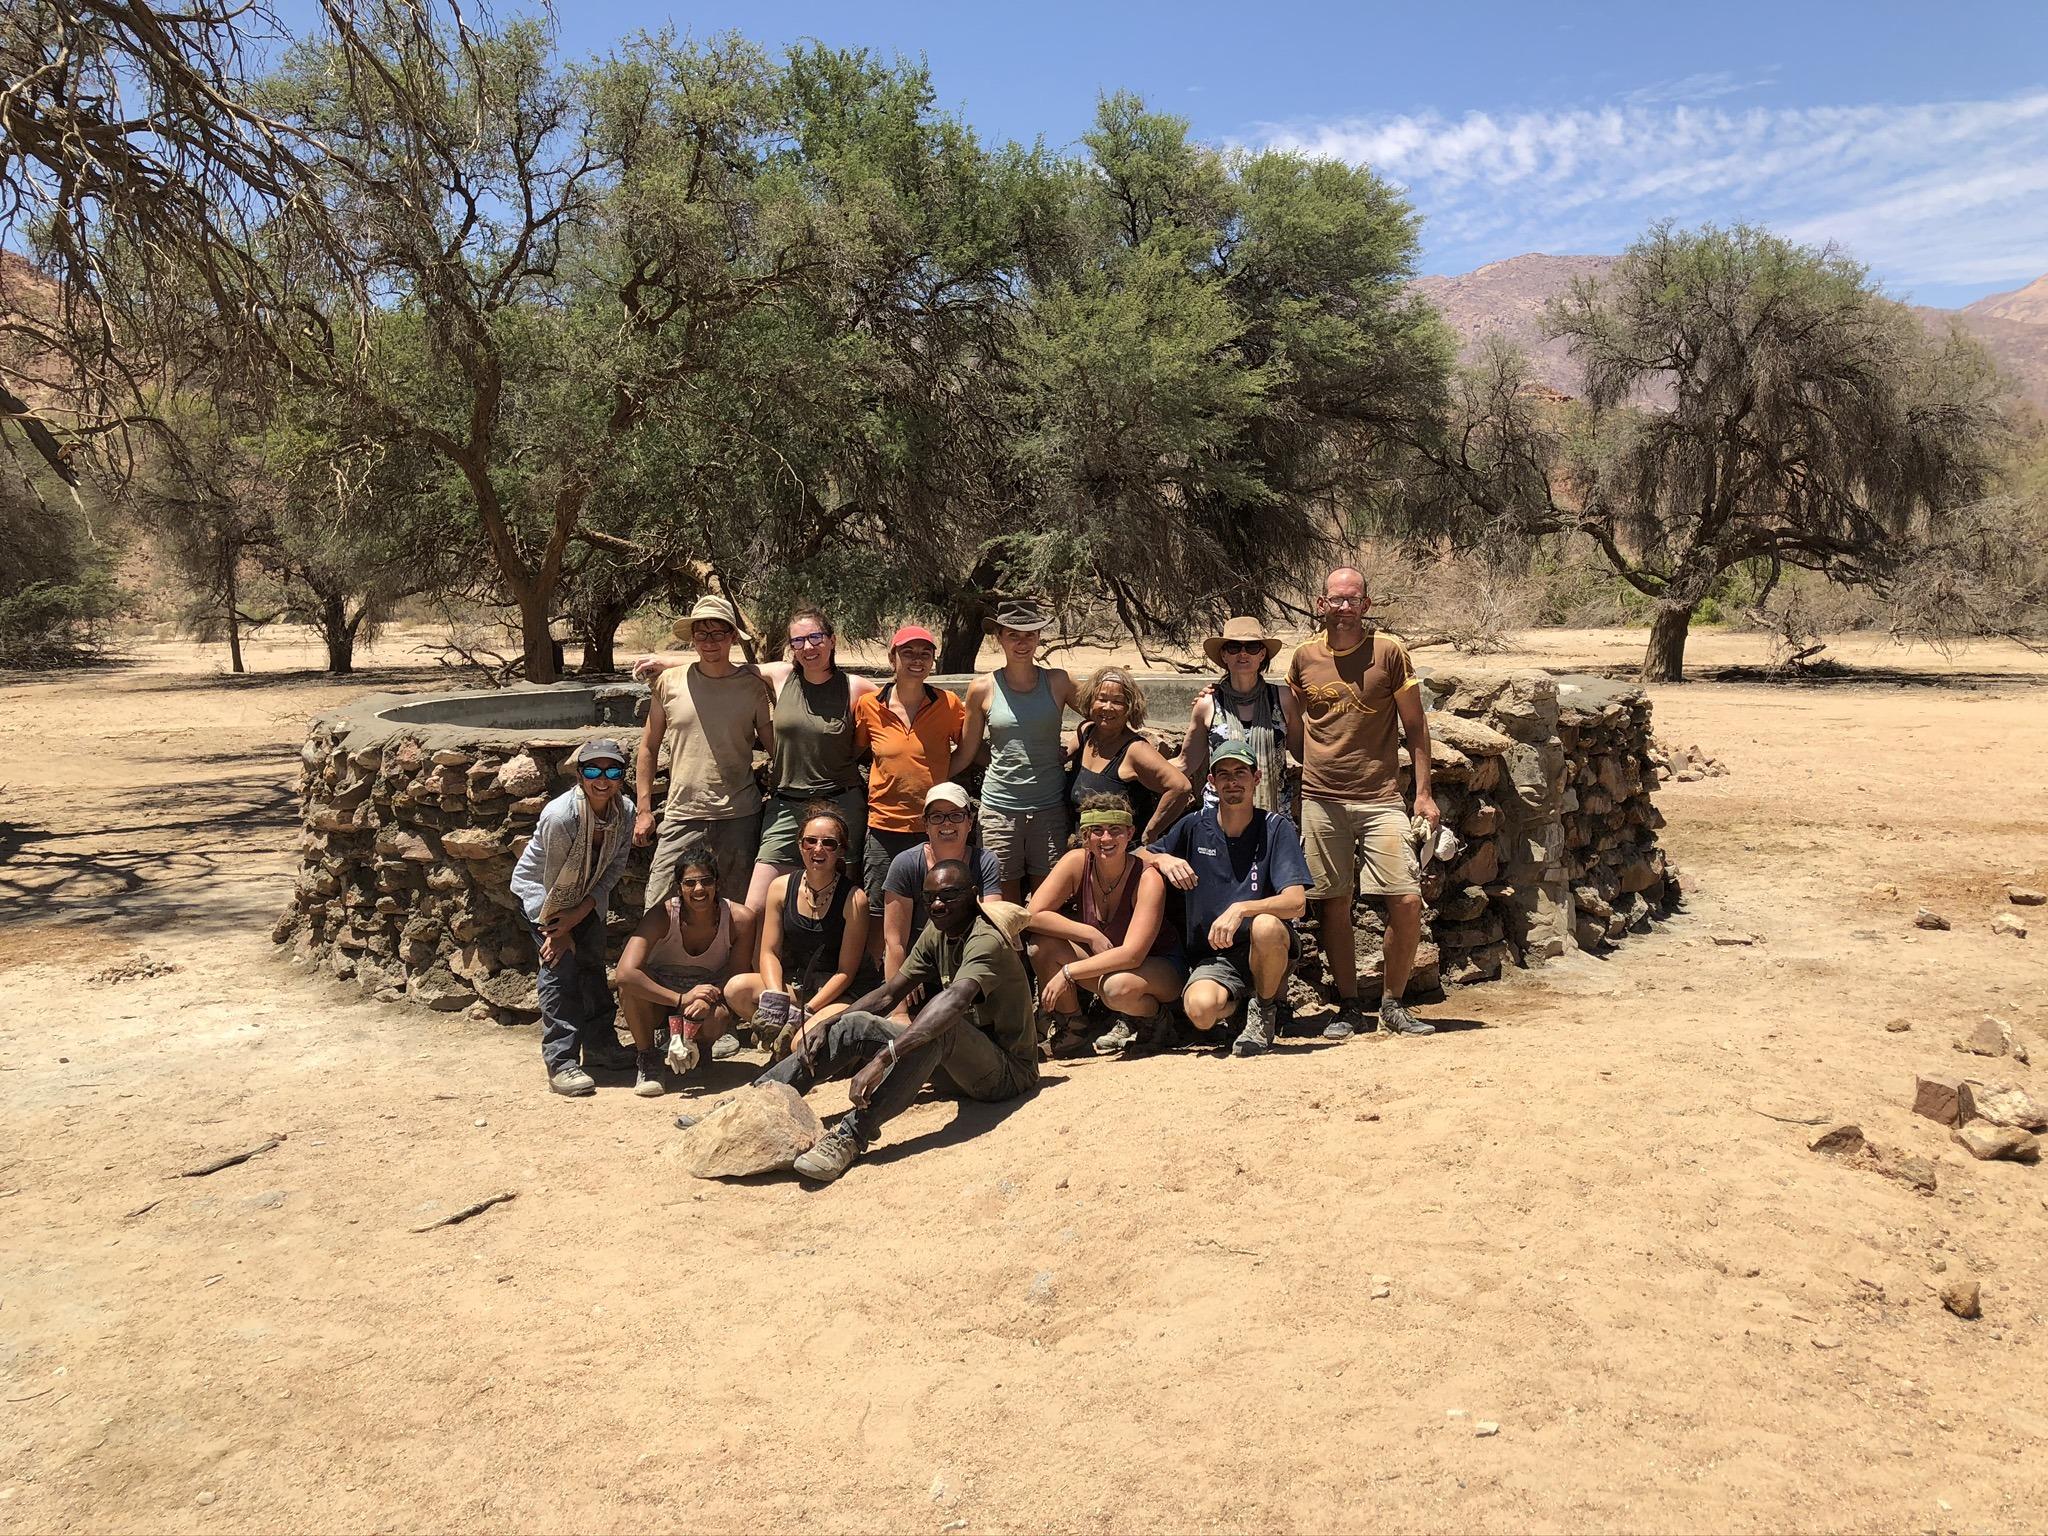 de-ervaringen-van-paulien-tijdens-het-desert-elephant-project-namibie-deel-2-3